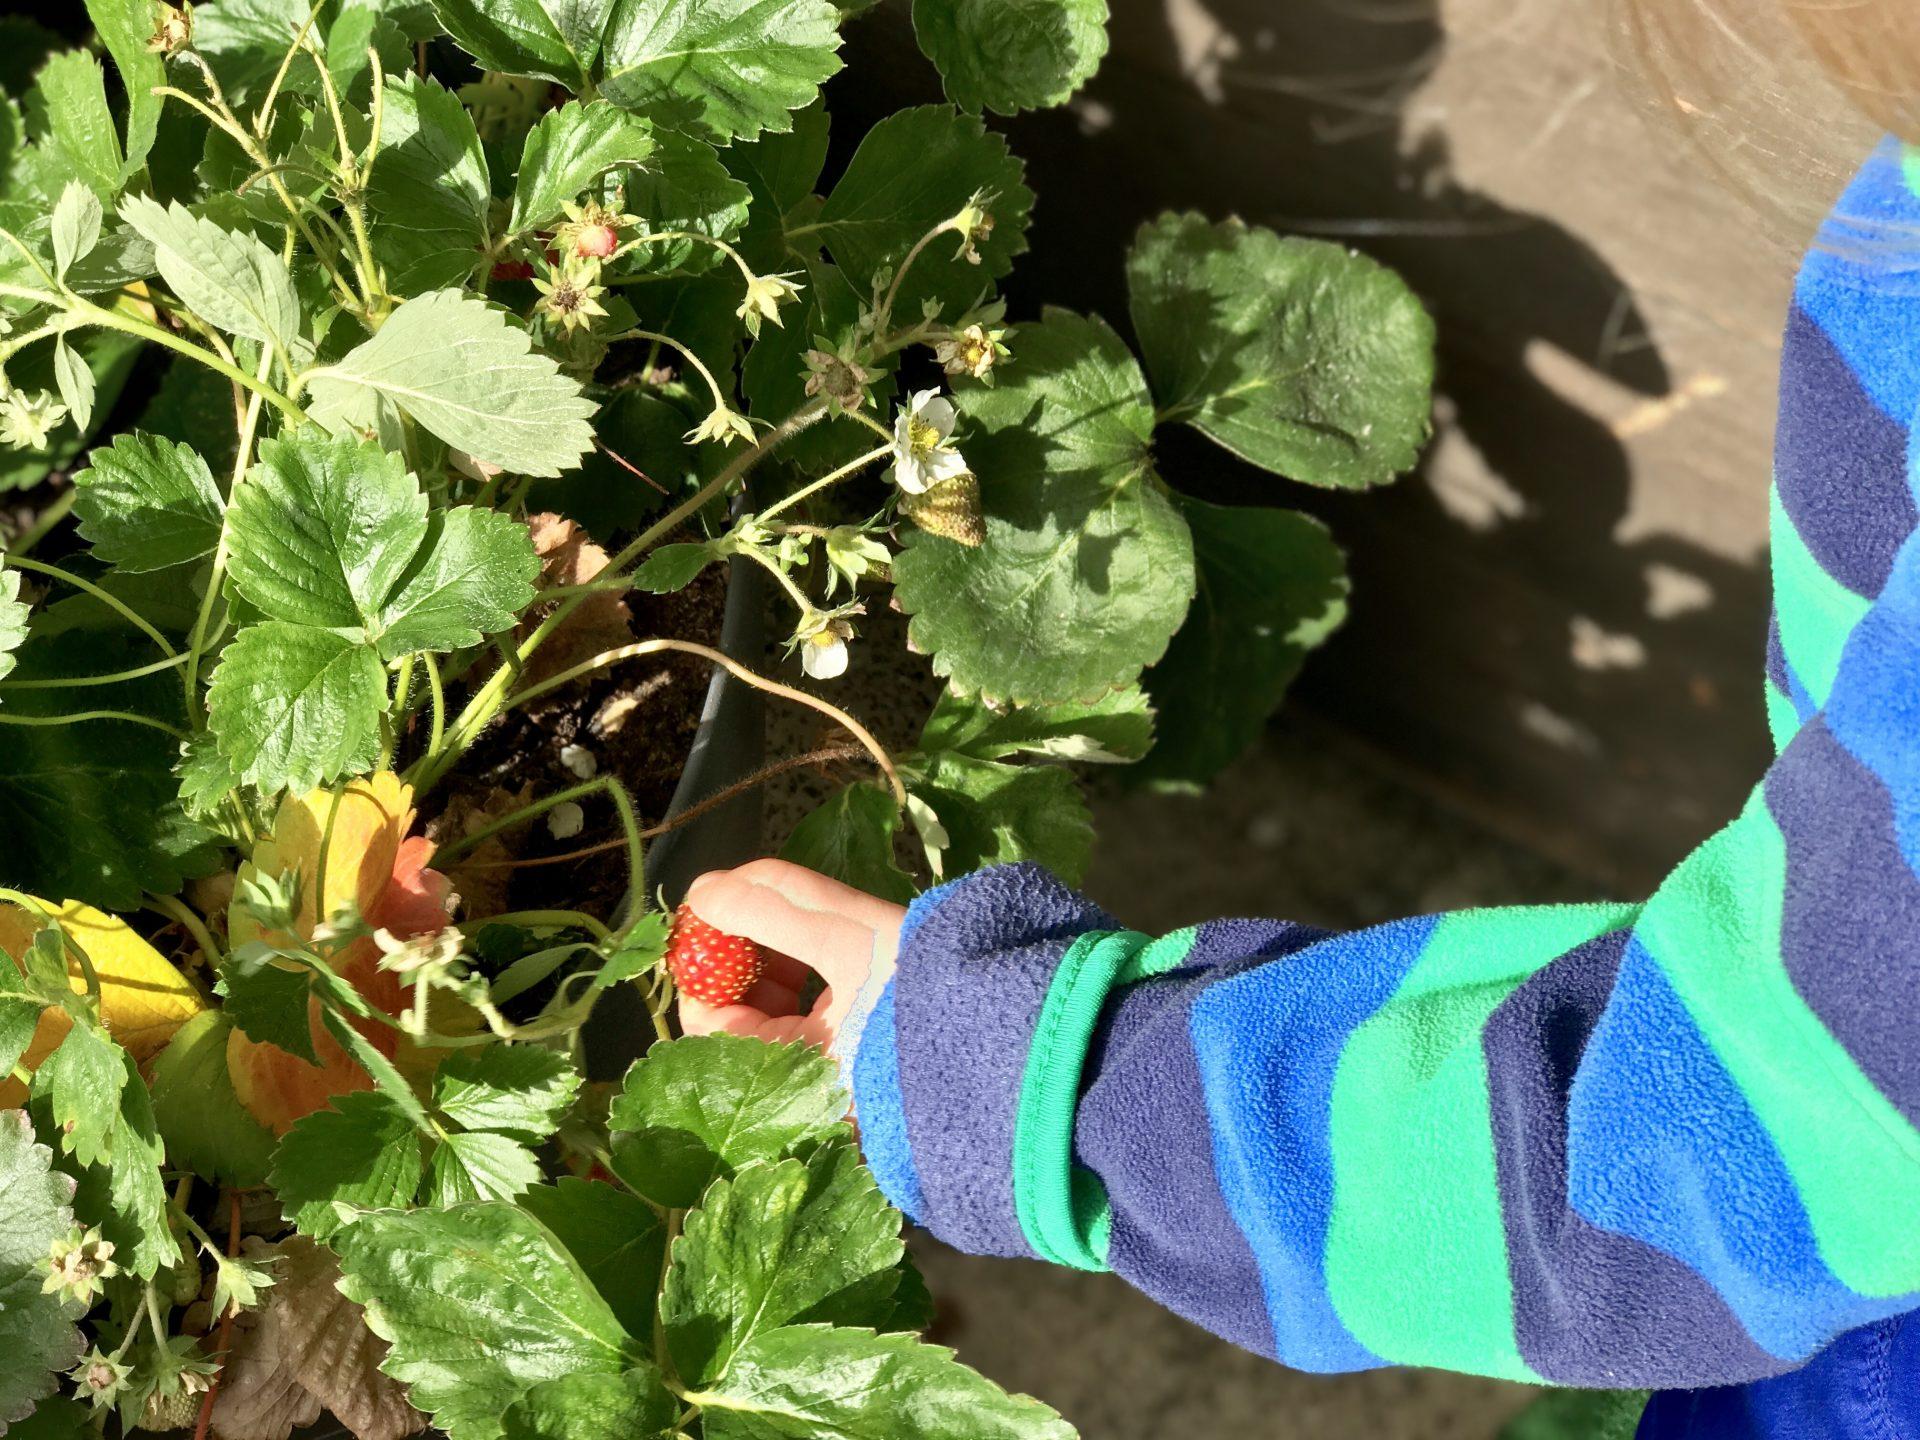 Merlin erntet Erdbeeren auf dem Balkon des Apartments